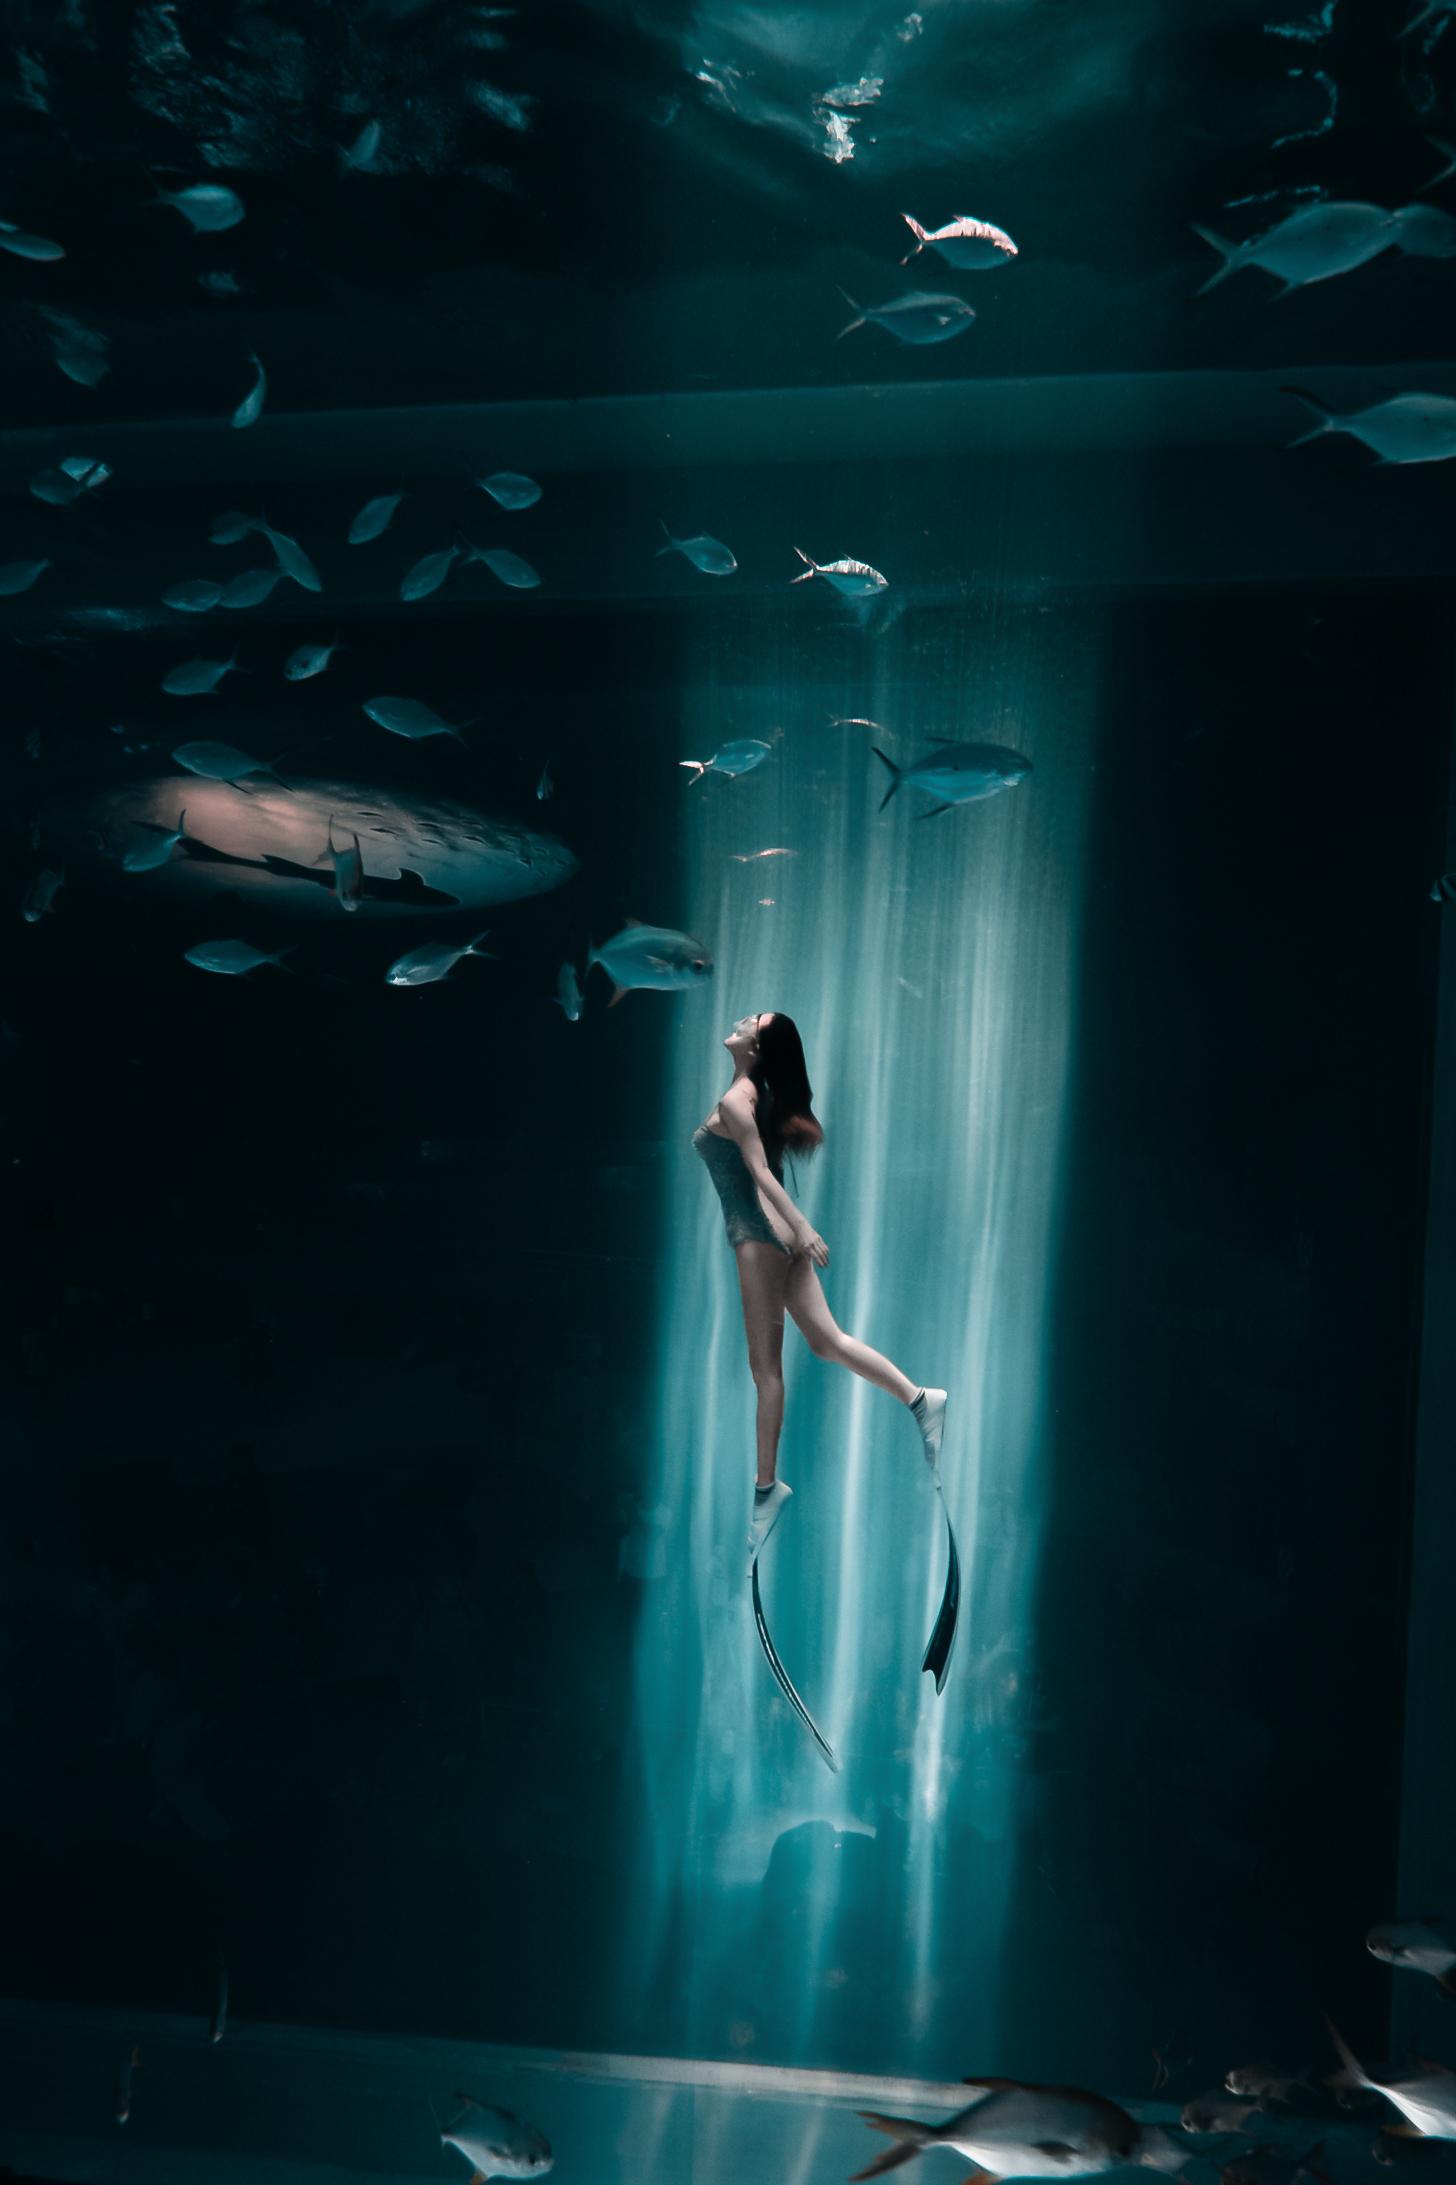 水下光影,专业拍照,海底摄影